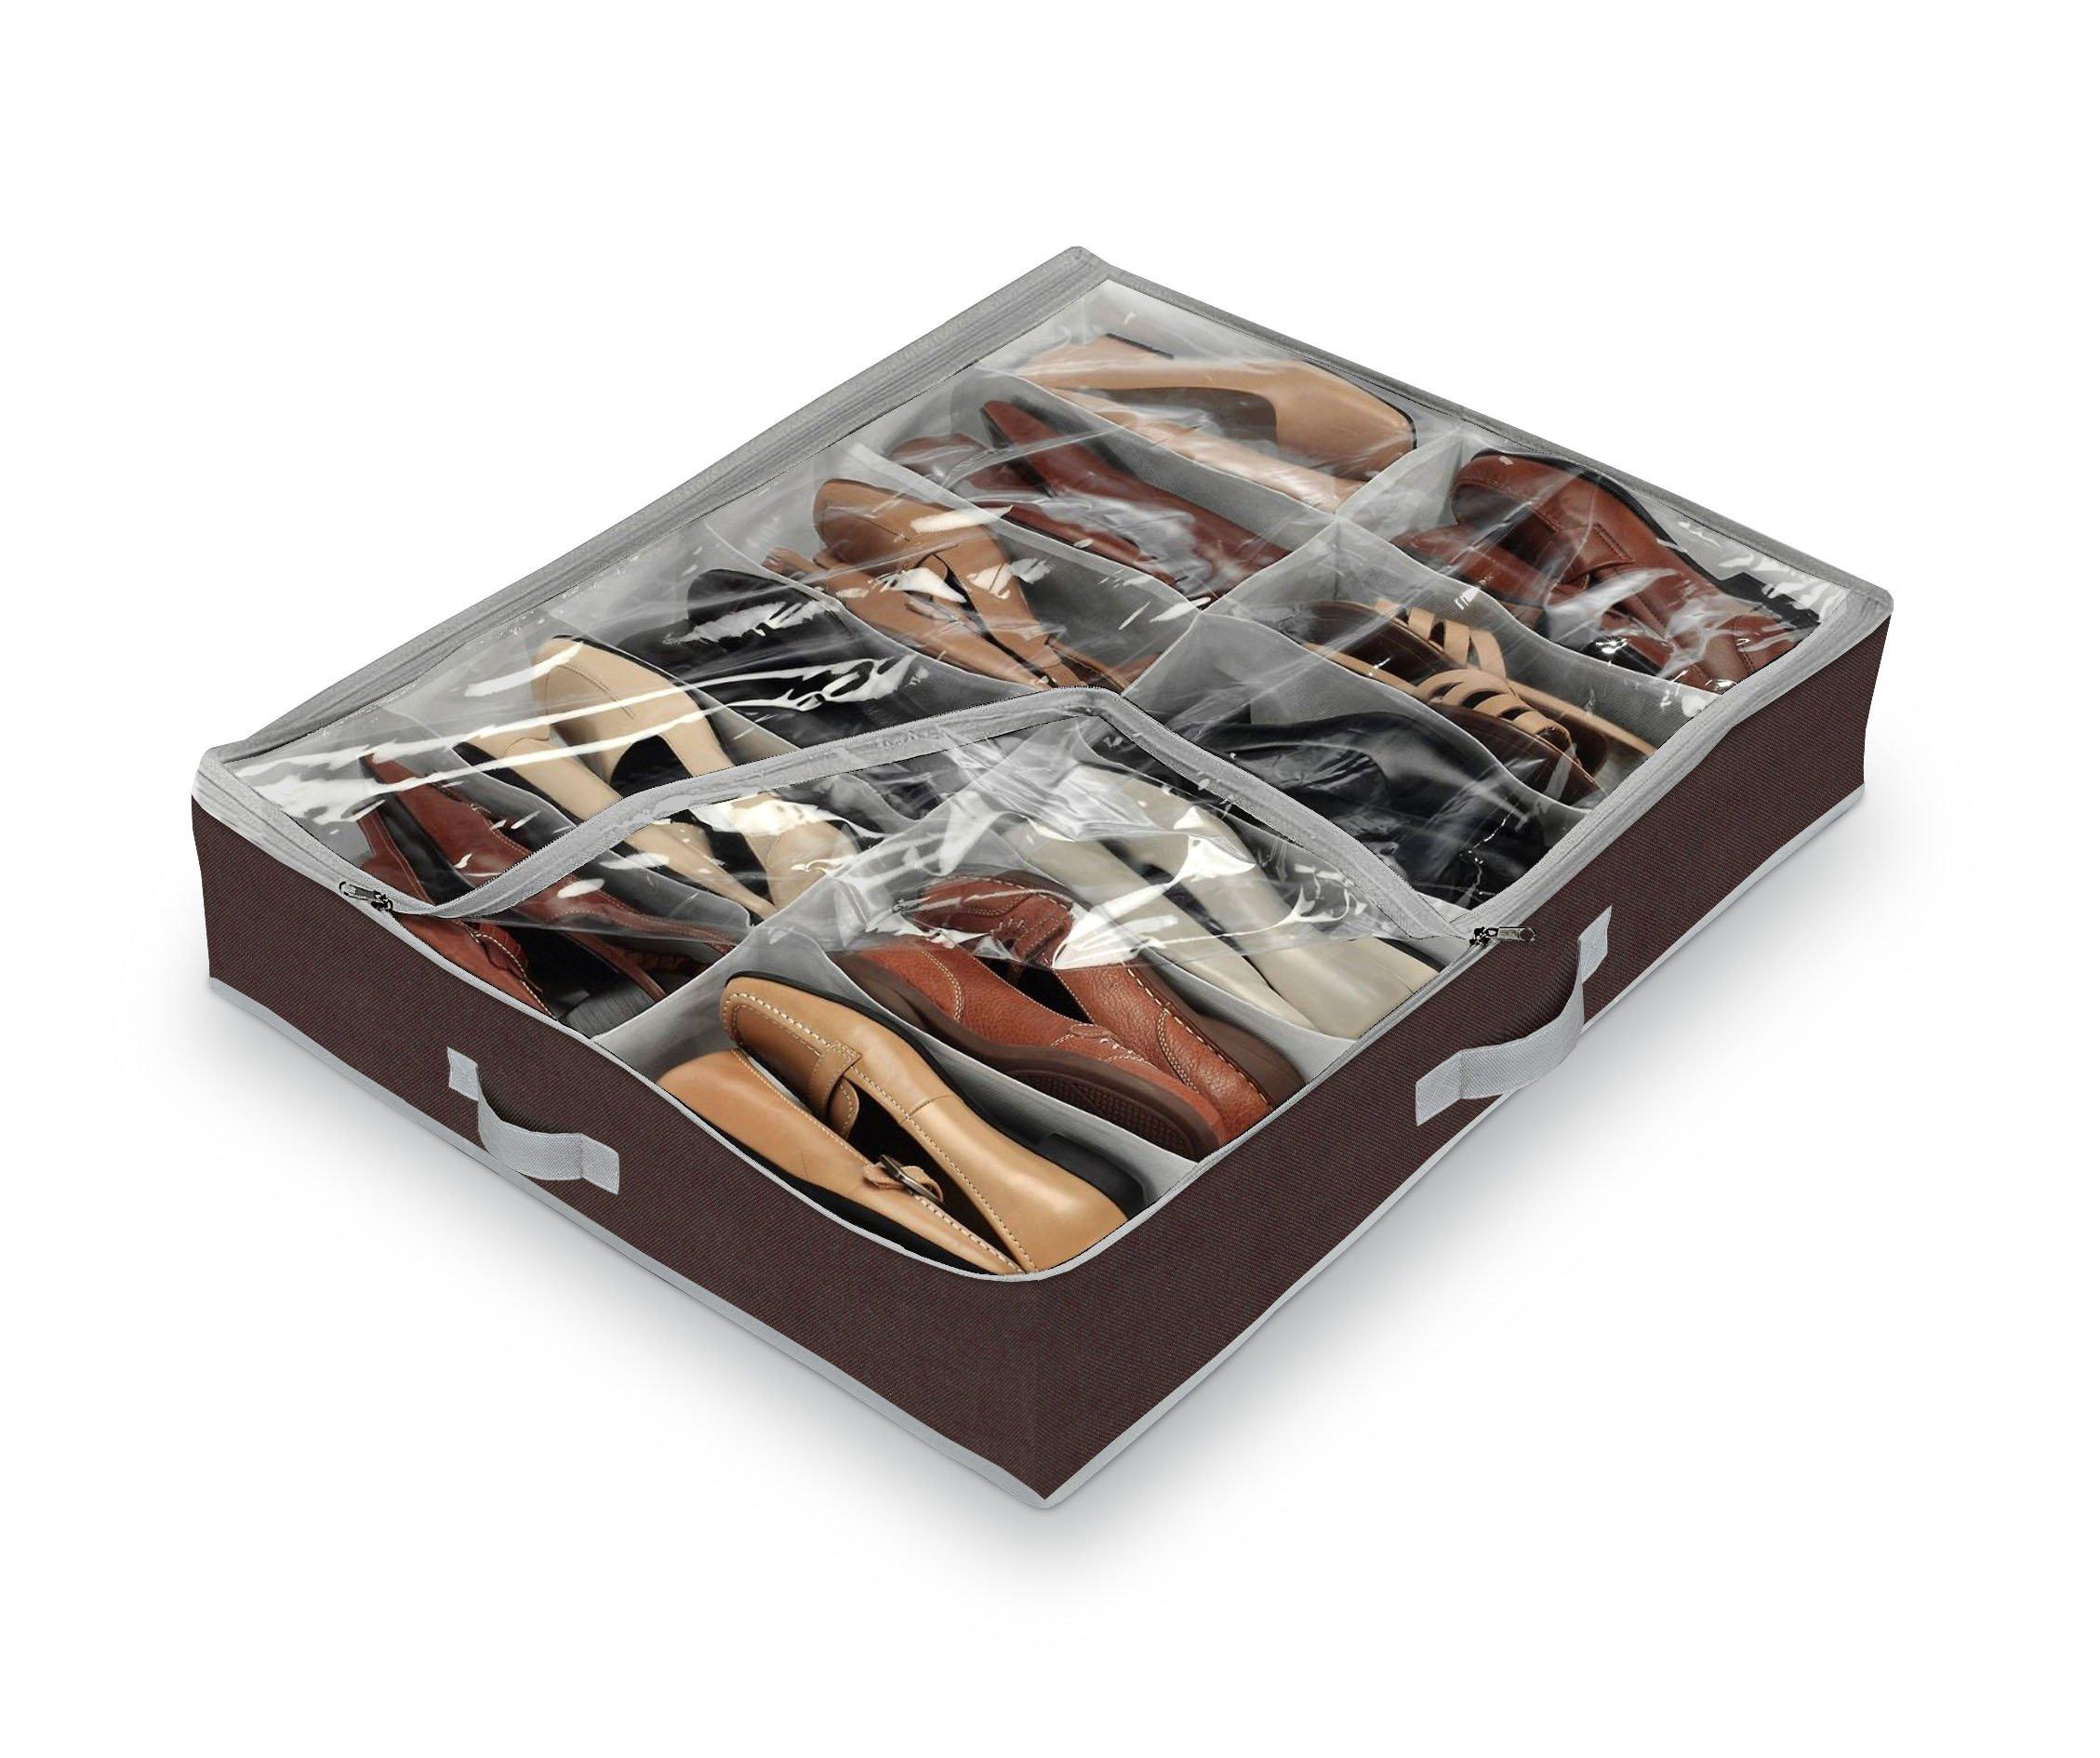 Domopak – Organizador de calzado para debajo de la cama (tamaño grande, 12 compartimentos), color marrón